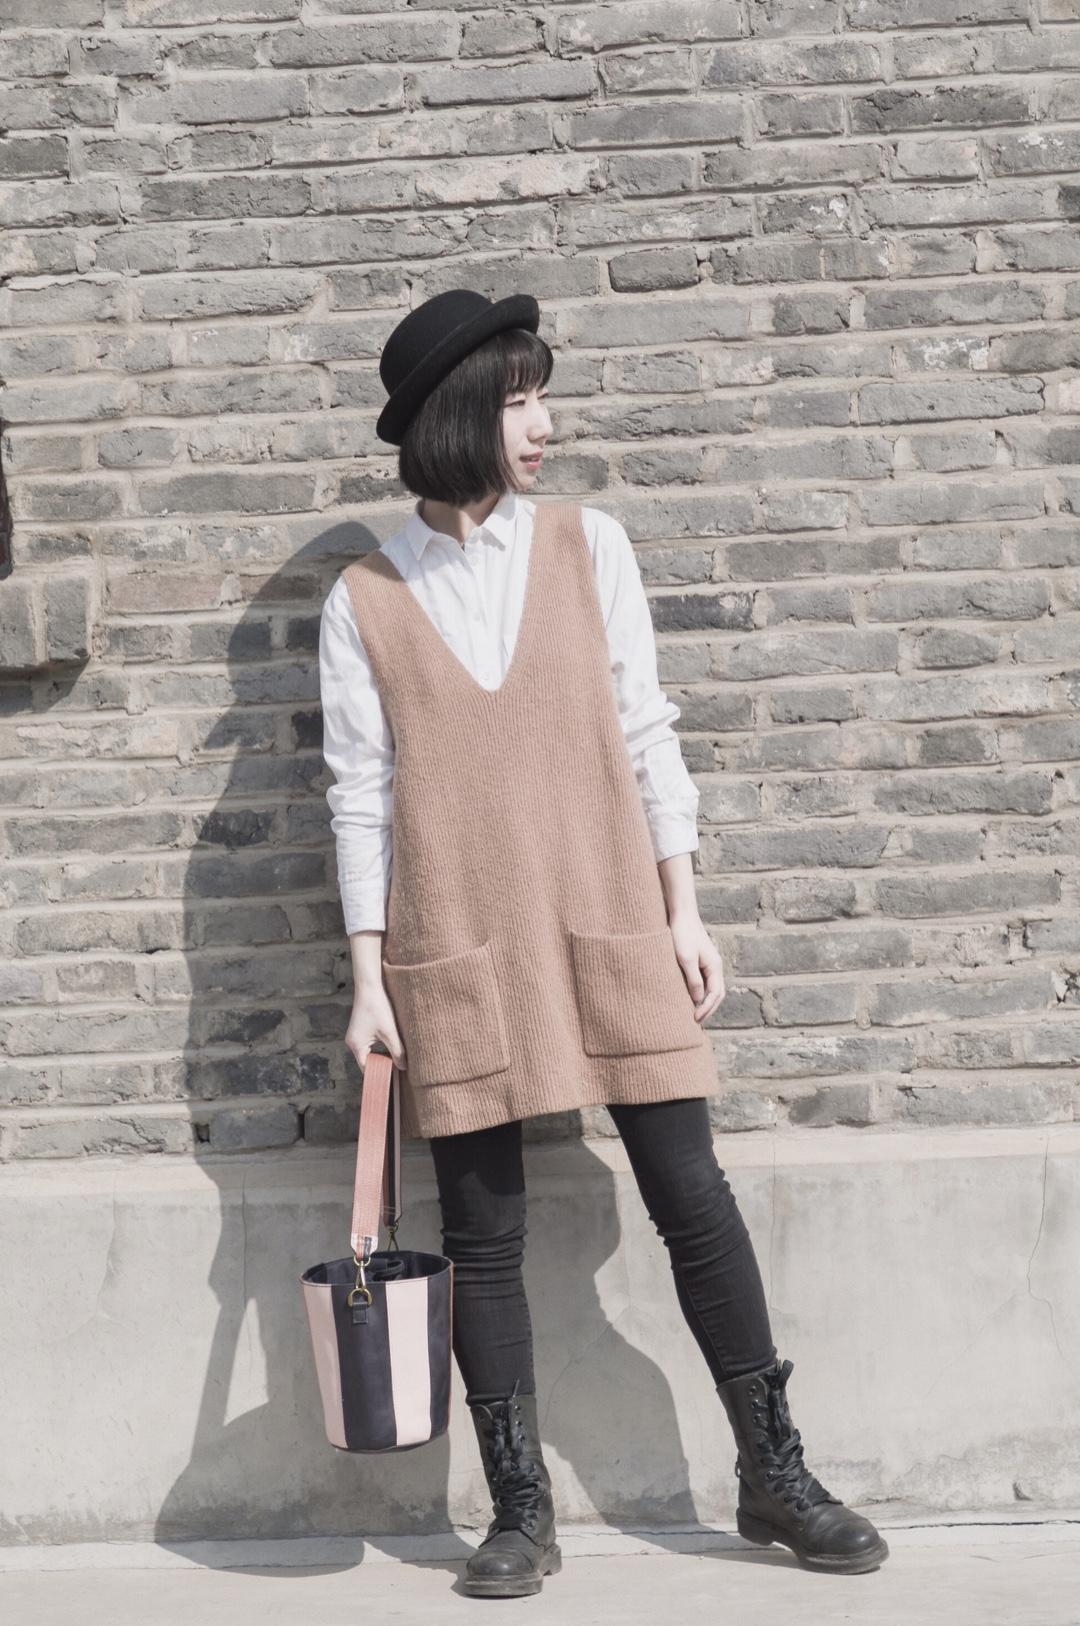 #打底才是一身穿搭的精髓啊!#  毛衣裙的减龄穿搭: 春天就是叠穿最好看的季节啦~白衬衫叠穿毛衣背心裙,内搭了基础款的slim牛仔裤。为了平衡感,搭了比较帅的马丁靴和窄沿帽。 整体色调是黑白驼色,水桶包色系与驼色呼应~